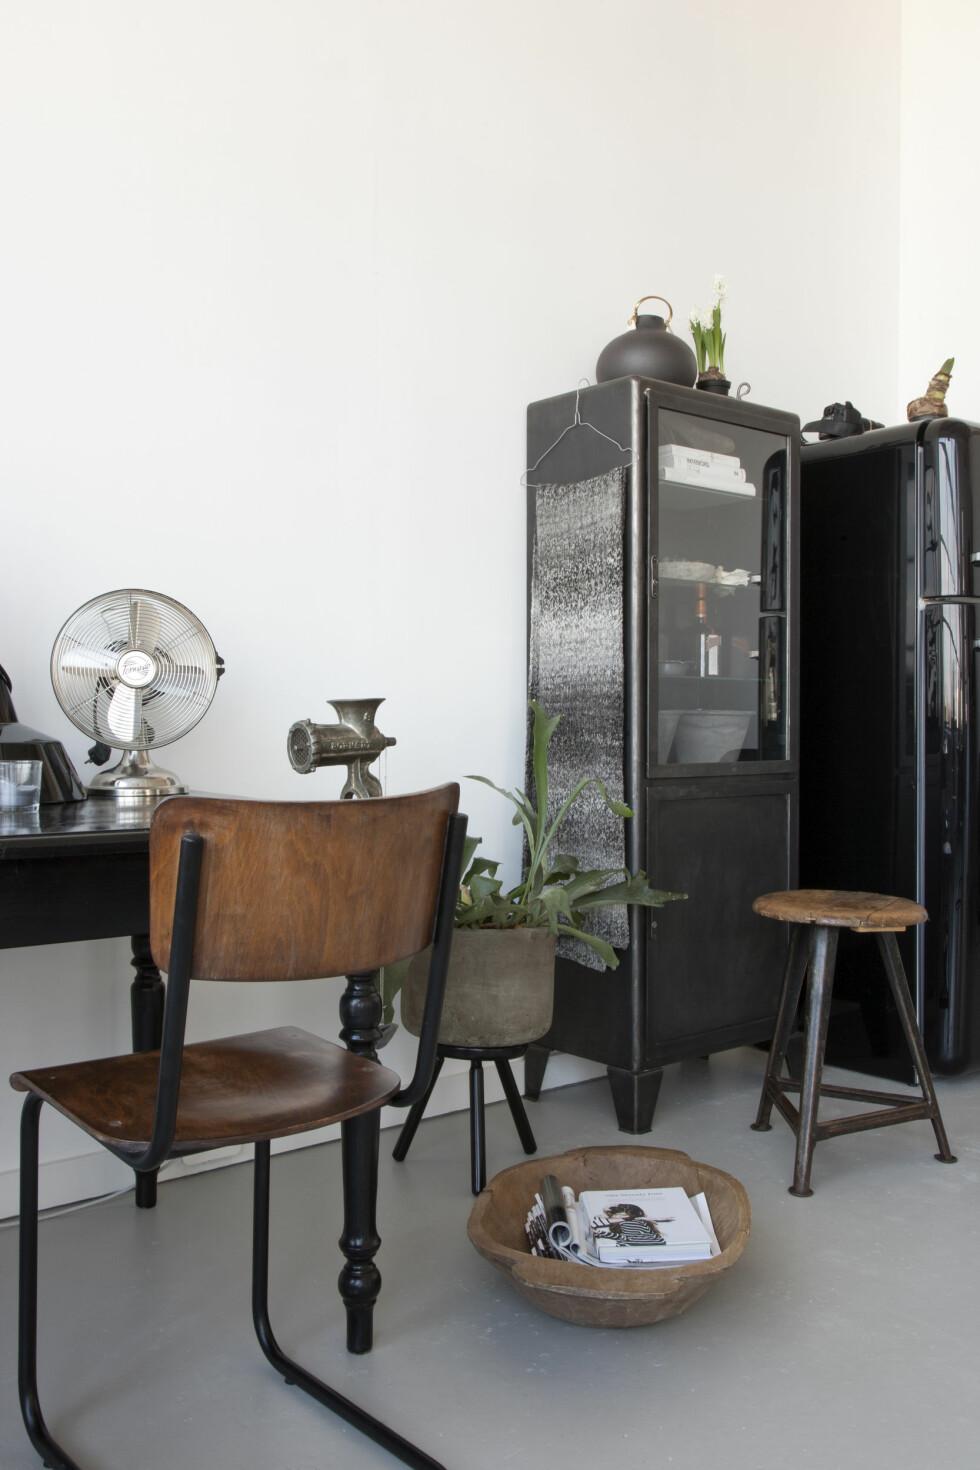 GAMMELT MØBEL: Kontorpulten på kjøkkenet er et gammelt furumøbel malt sort. Foto: Raul Candales Franch/IDECORimages.com